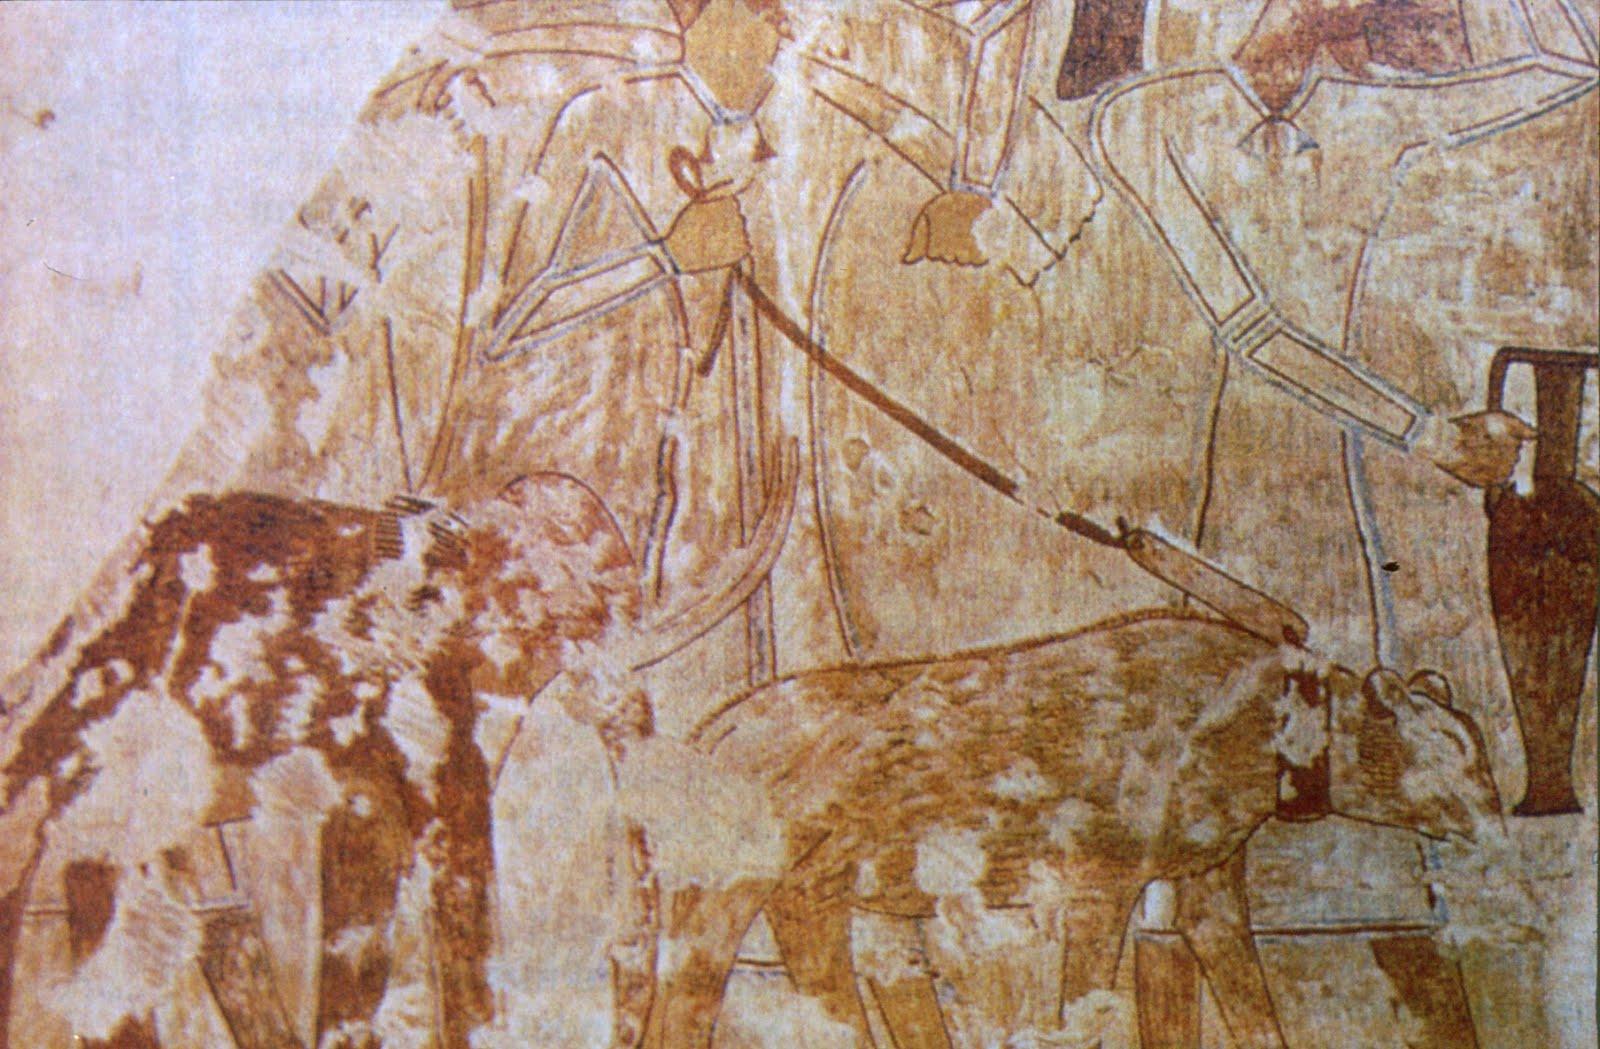 Fig. 5 - Particolare del dipinto della tomba di Rekhmire che mostra un elefante simile a un piccolo mammut.